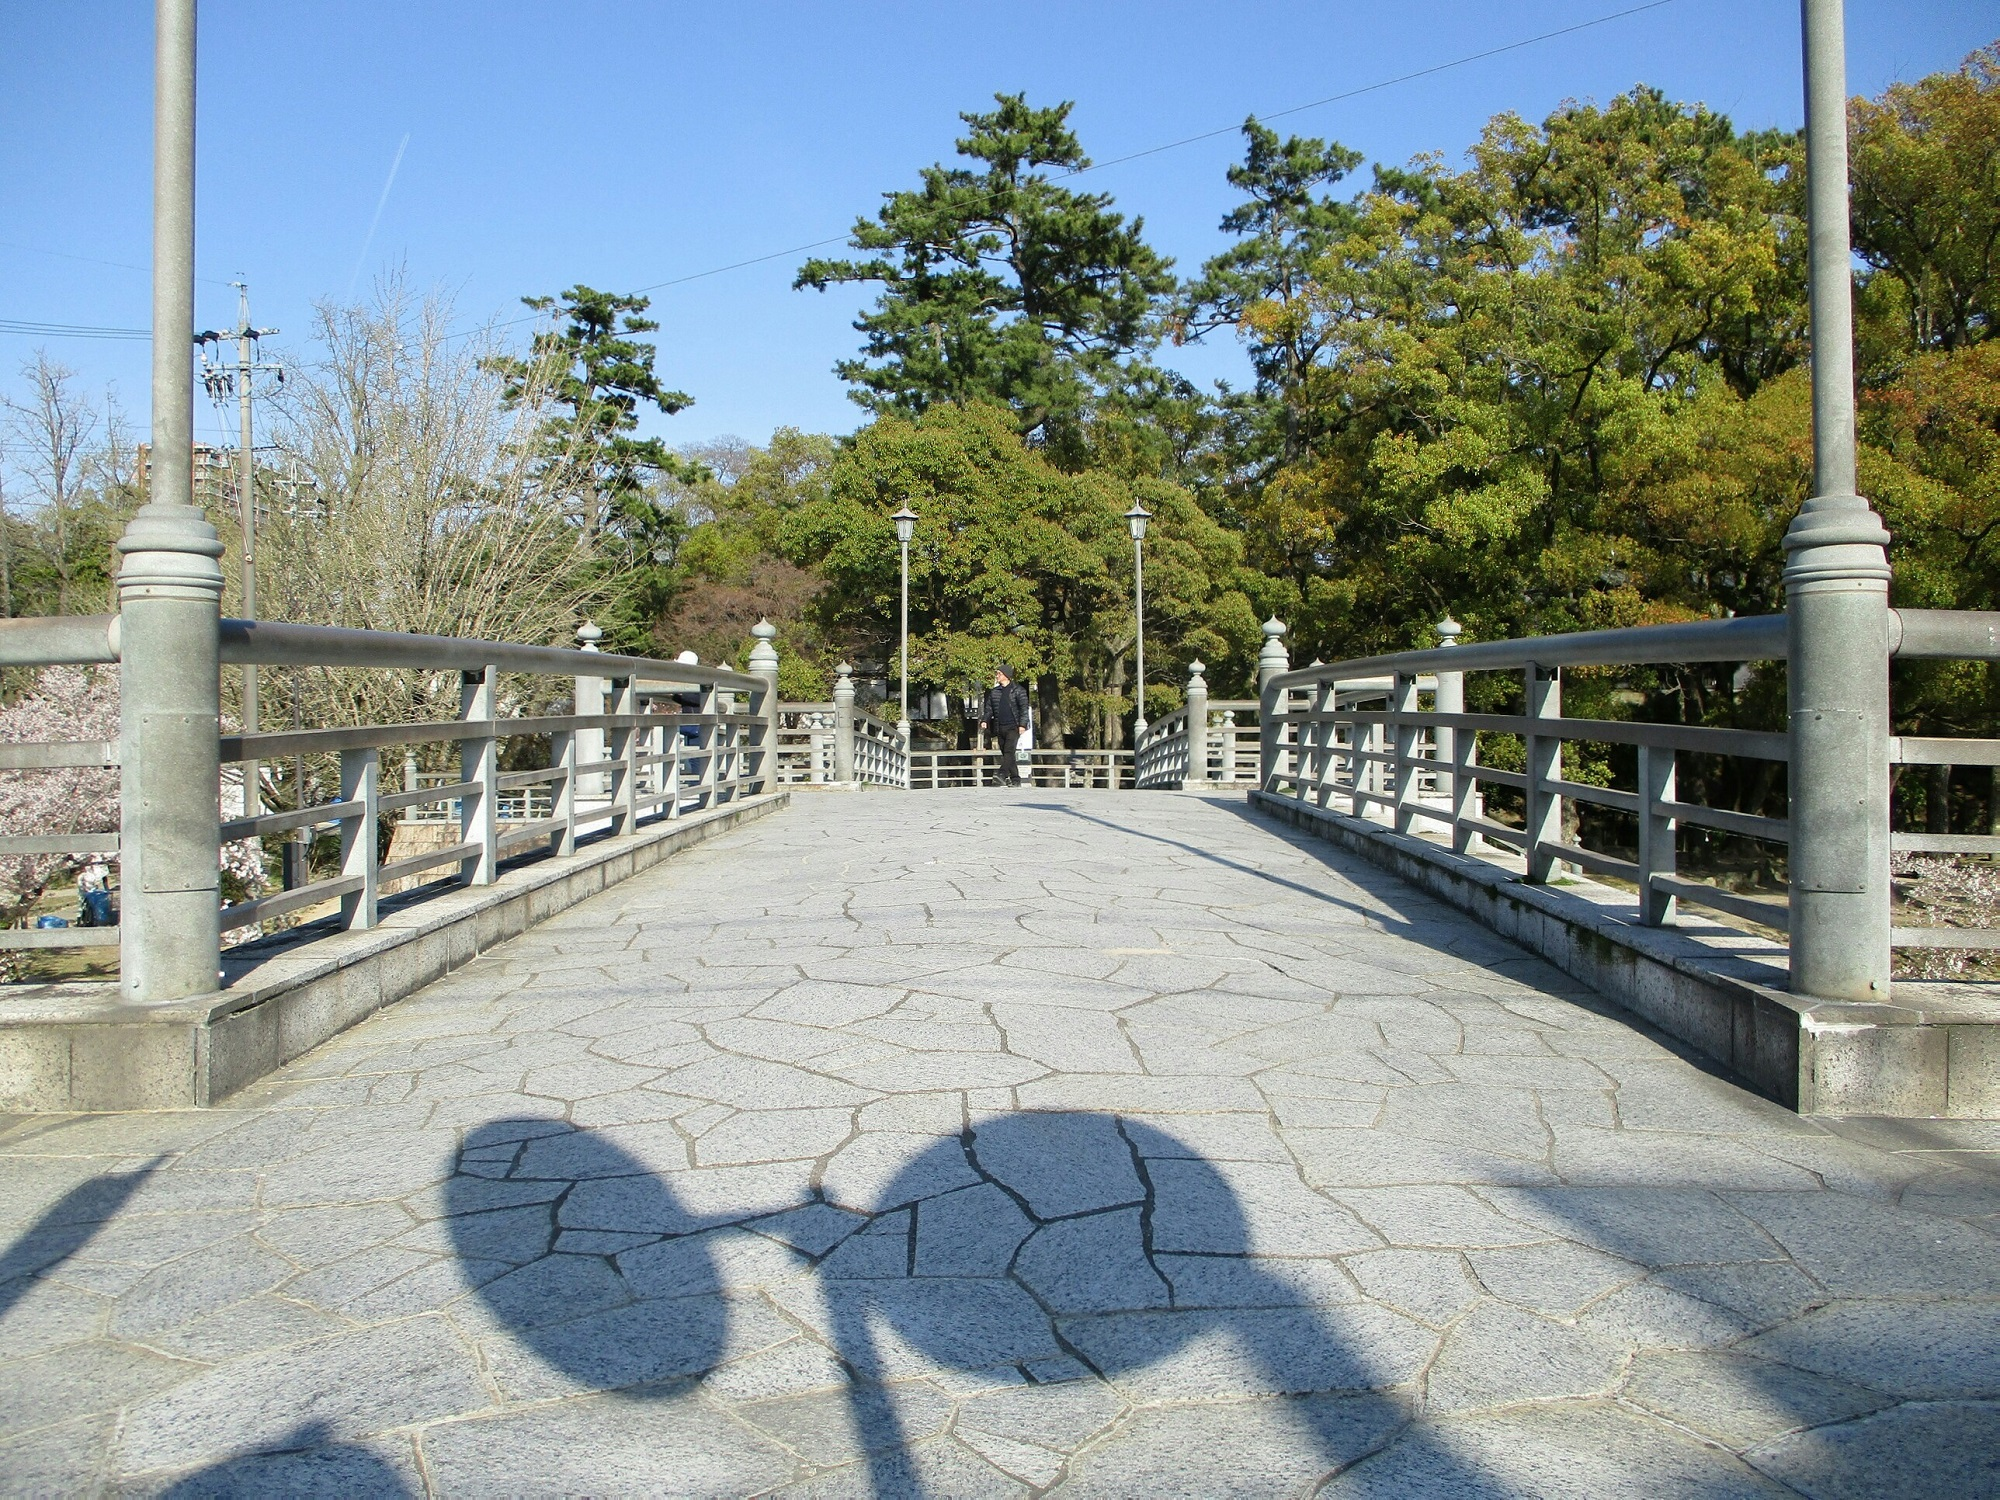 2019.4.9 (29) 岡崎公園 - 坂谷橋 2000-1500